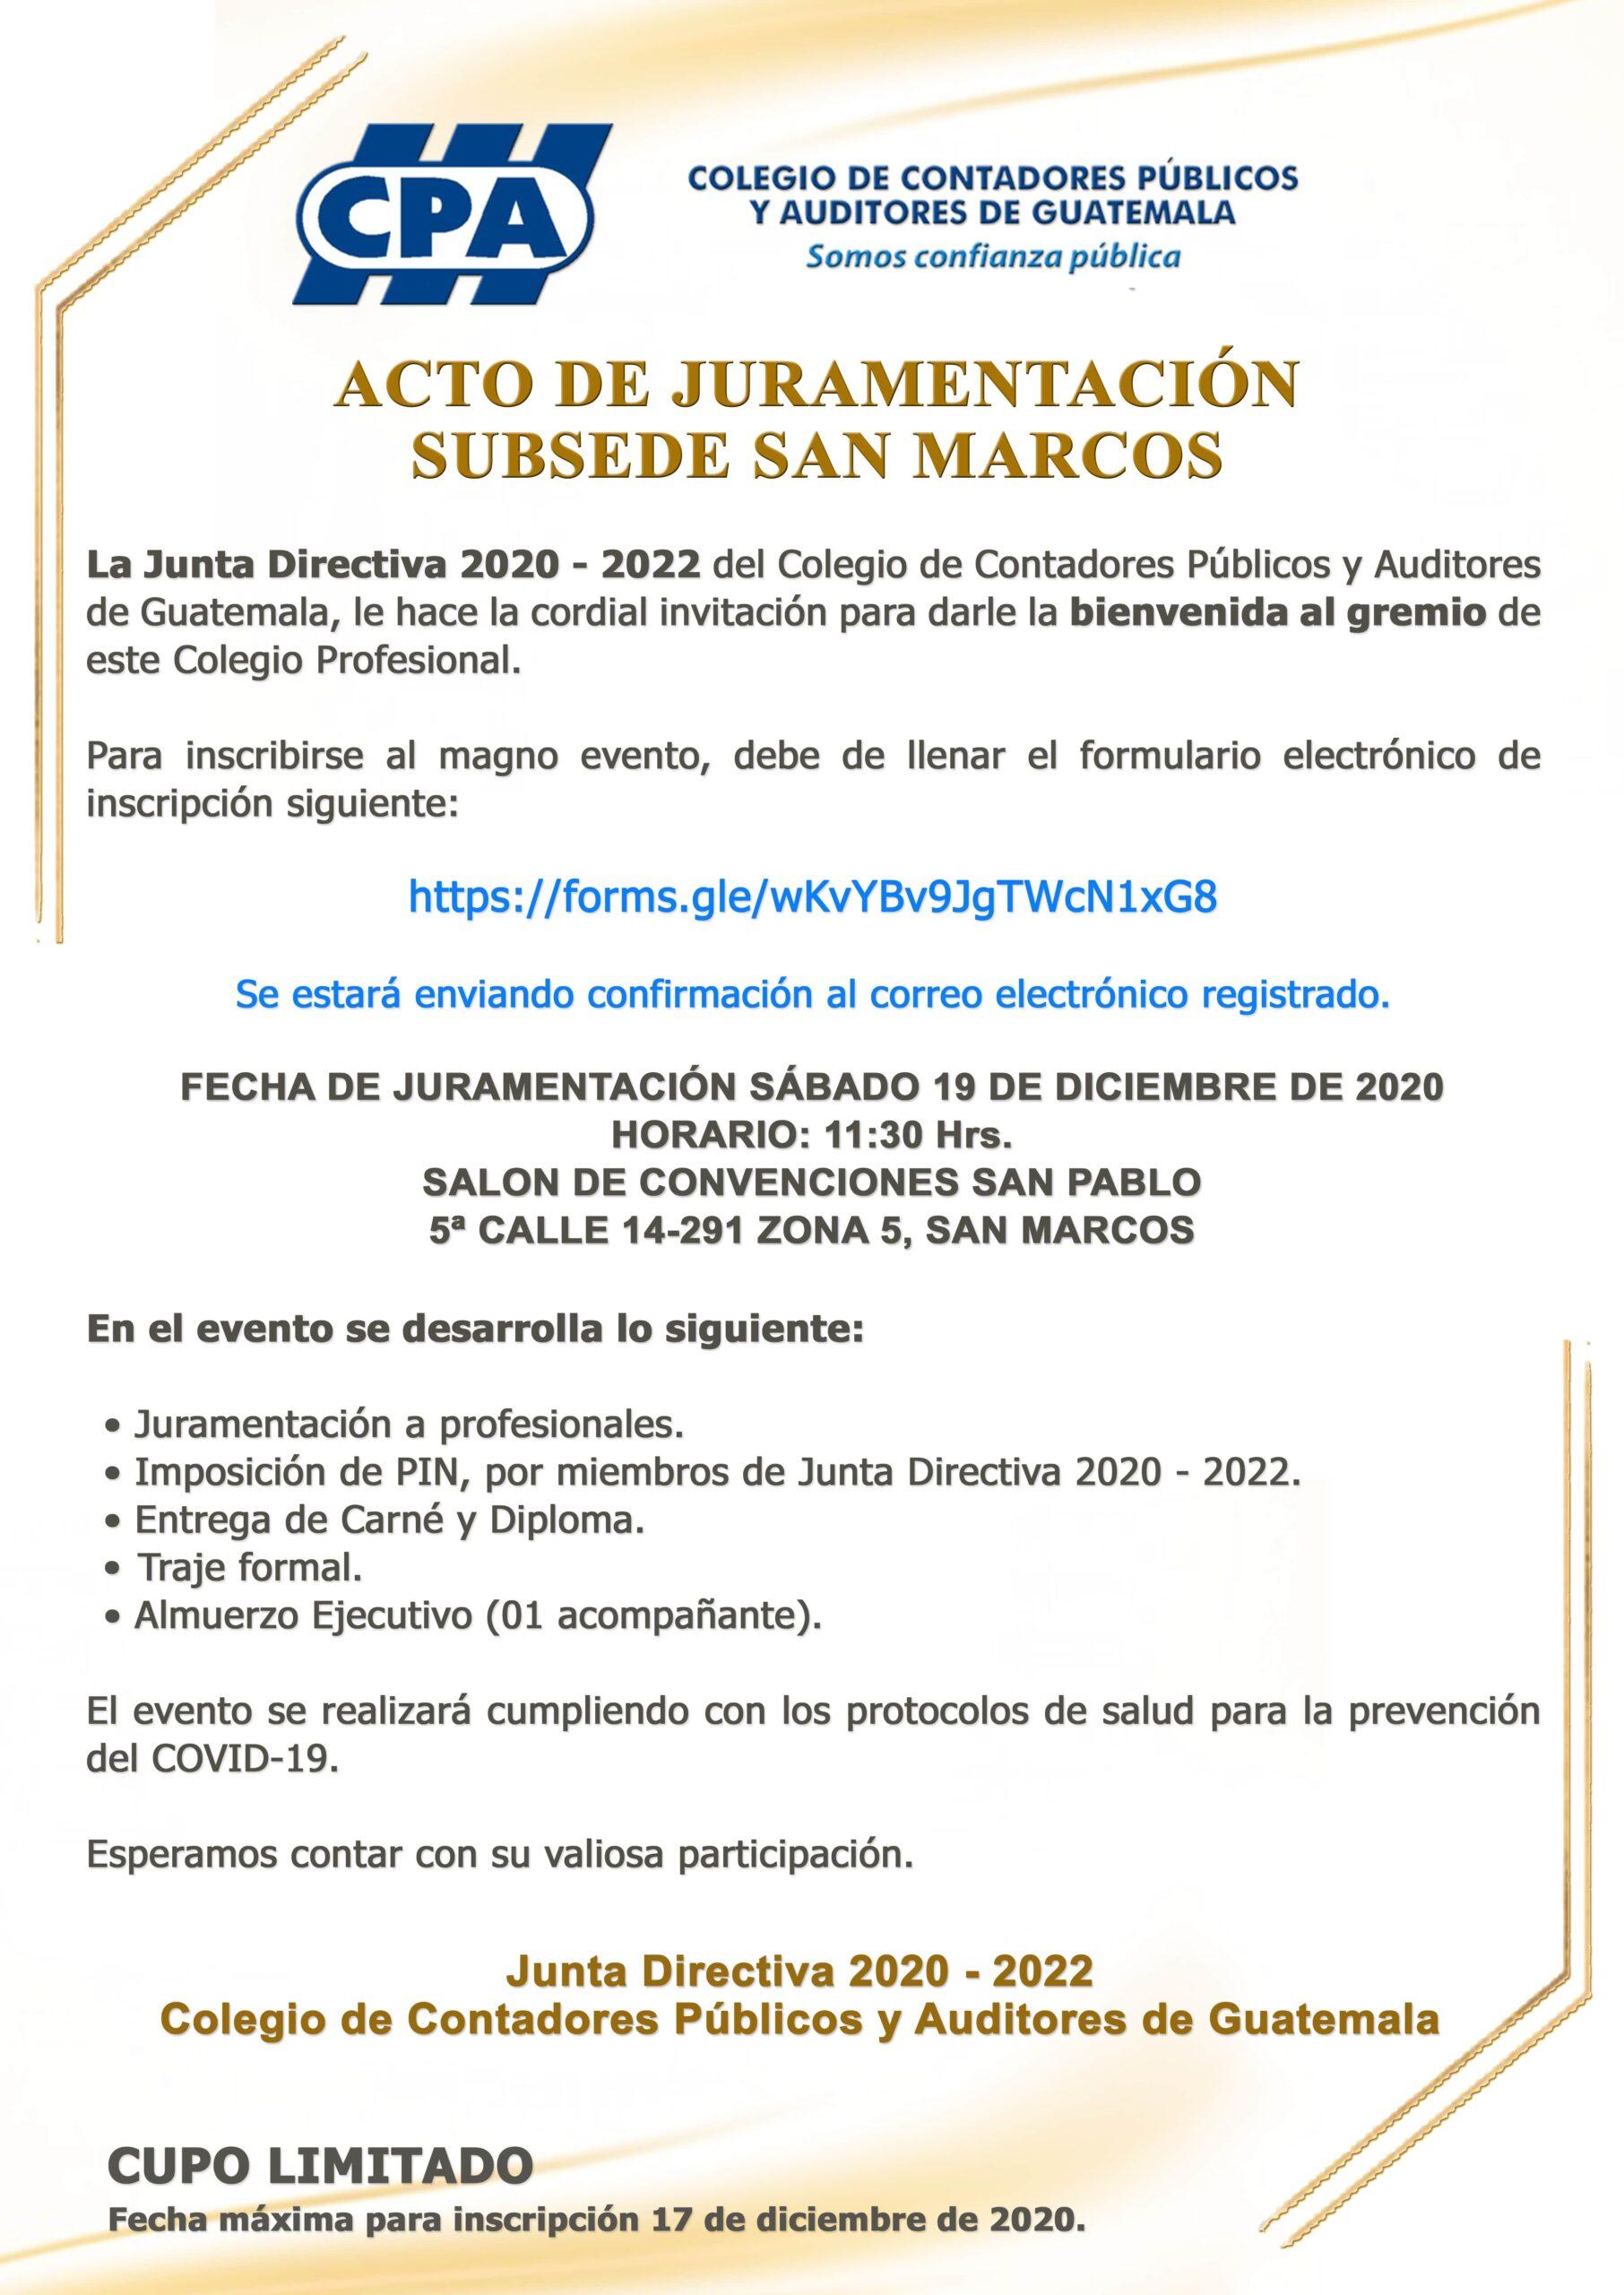 ACTO DE JURAMENTACIÓN | SUBSEDE SAN MARCOS